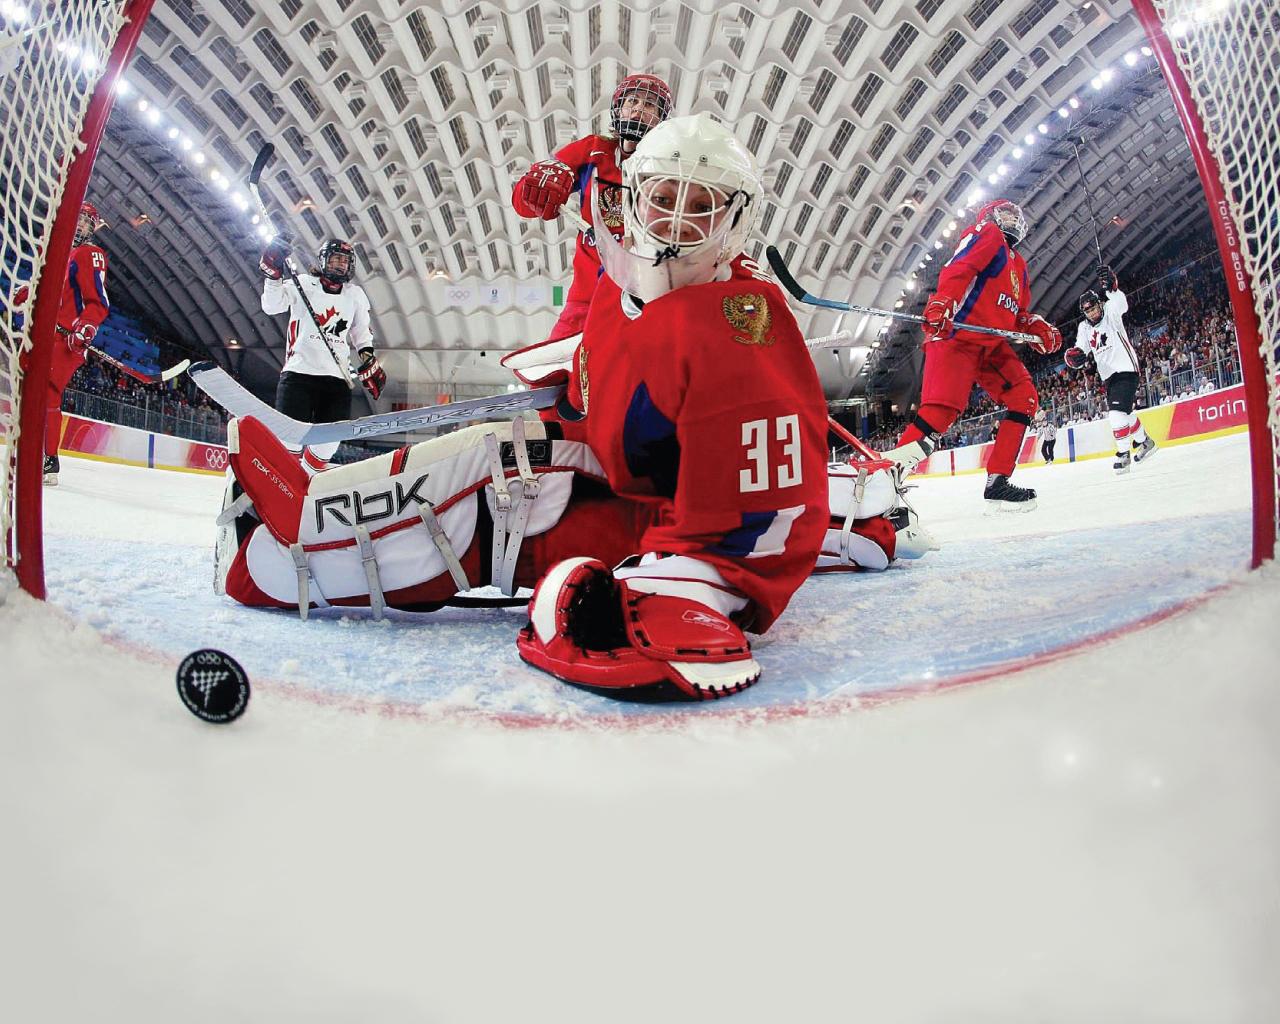 Россия канада 5 4 смотреть голы - 0430b